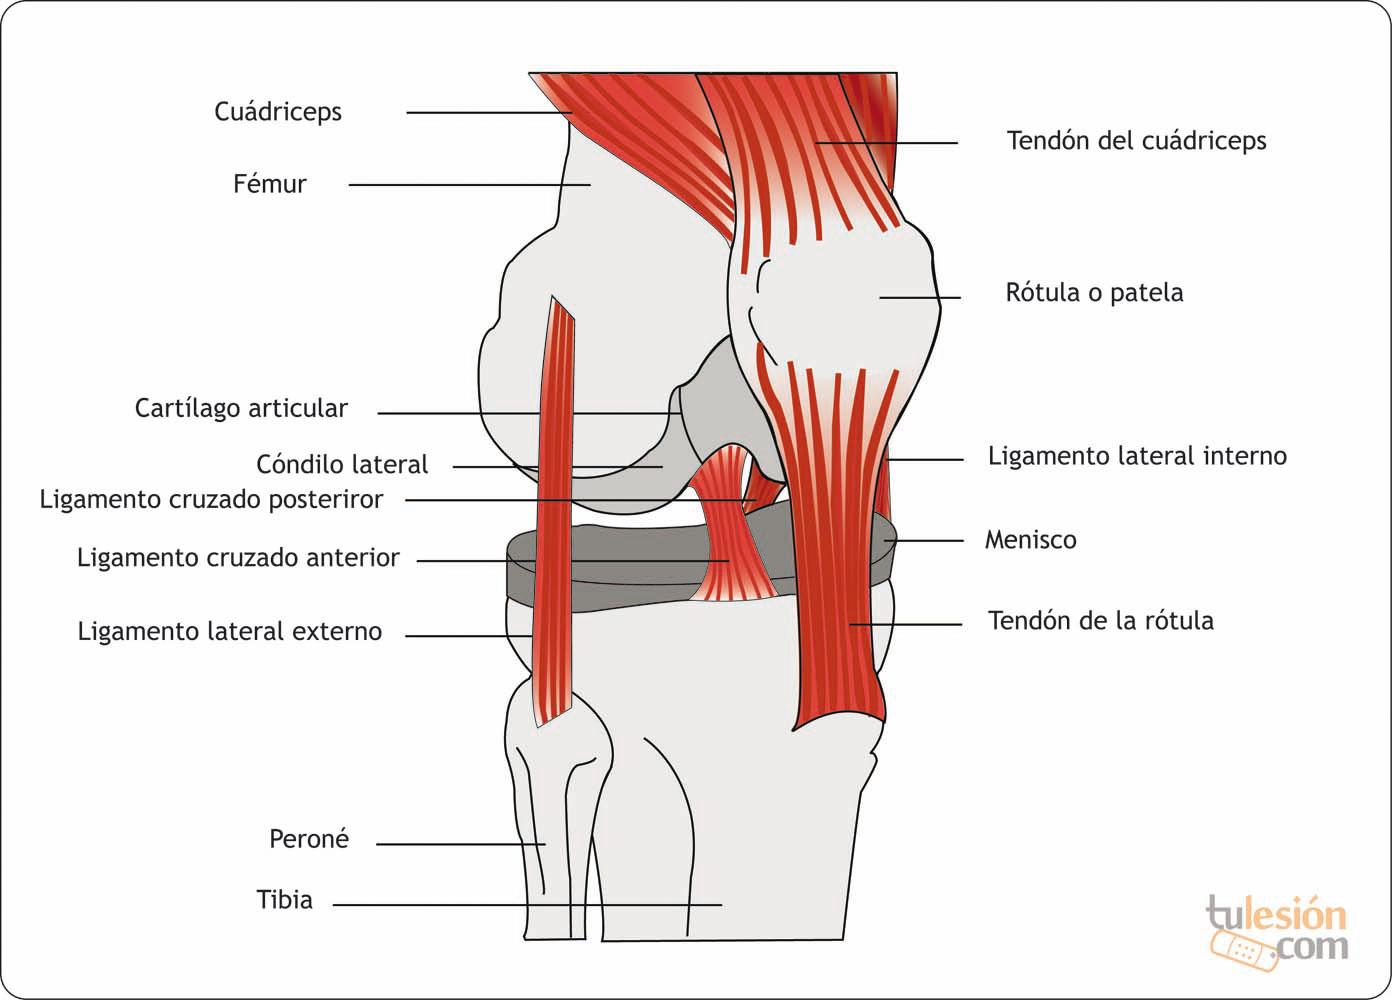 Magnífico La Anatomía De La Rodilla Humana Patrón - Anatomía de Las ...